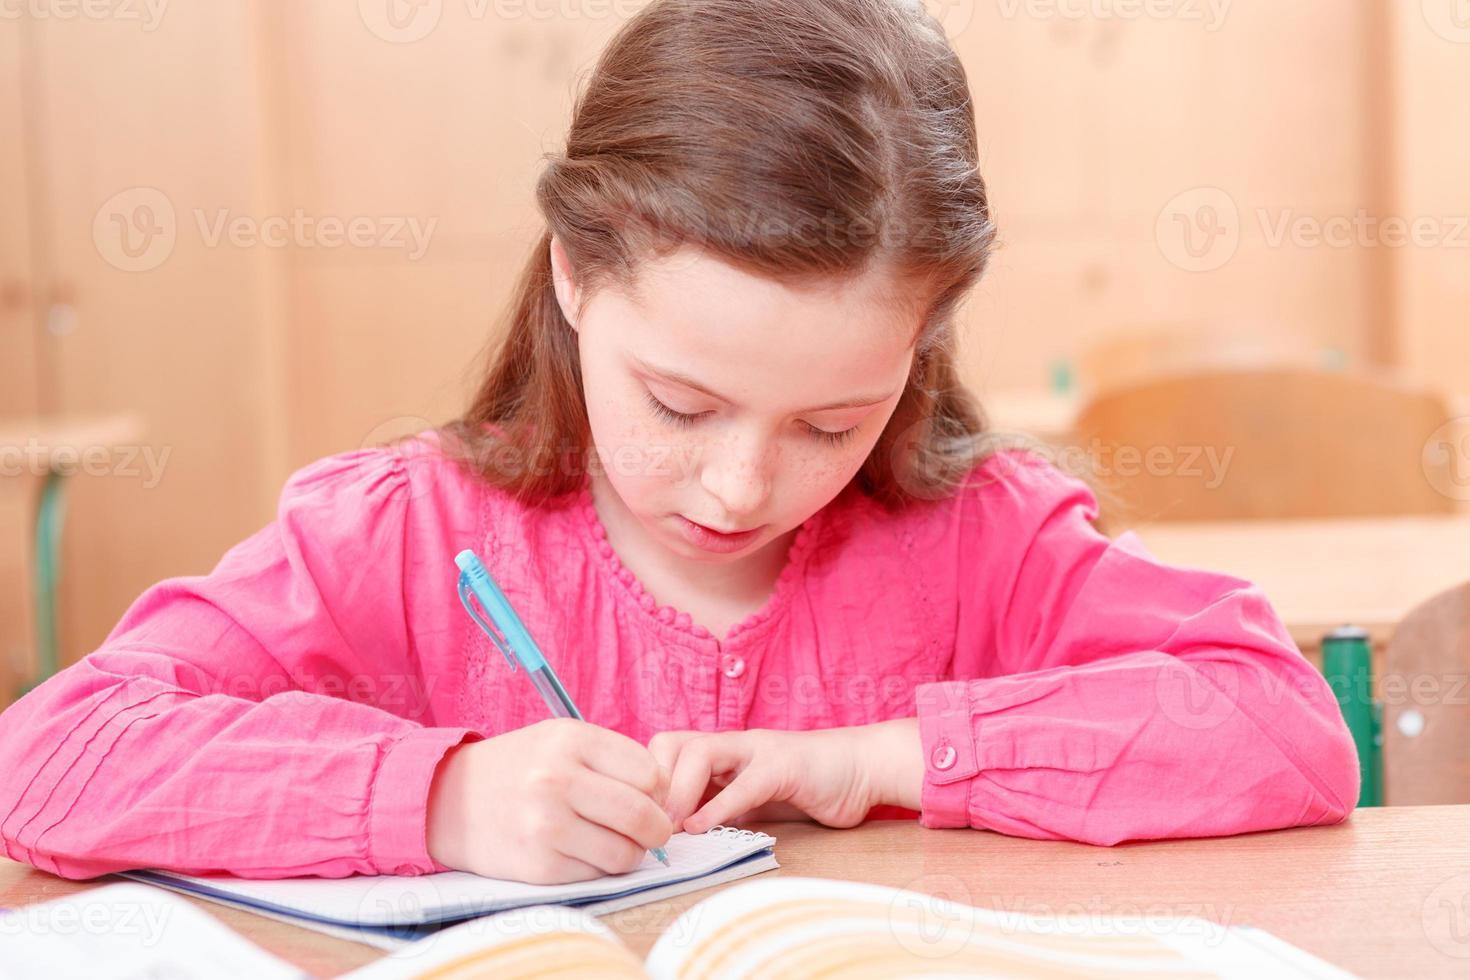 kleines schreibendes Mädchen während des Unterrichts foto